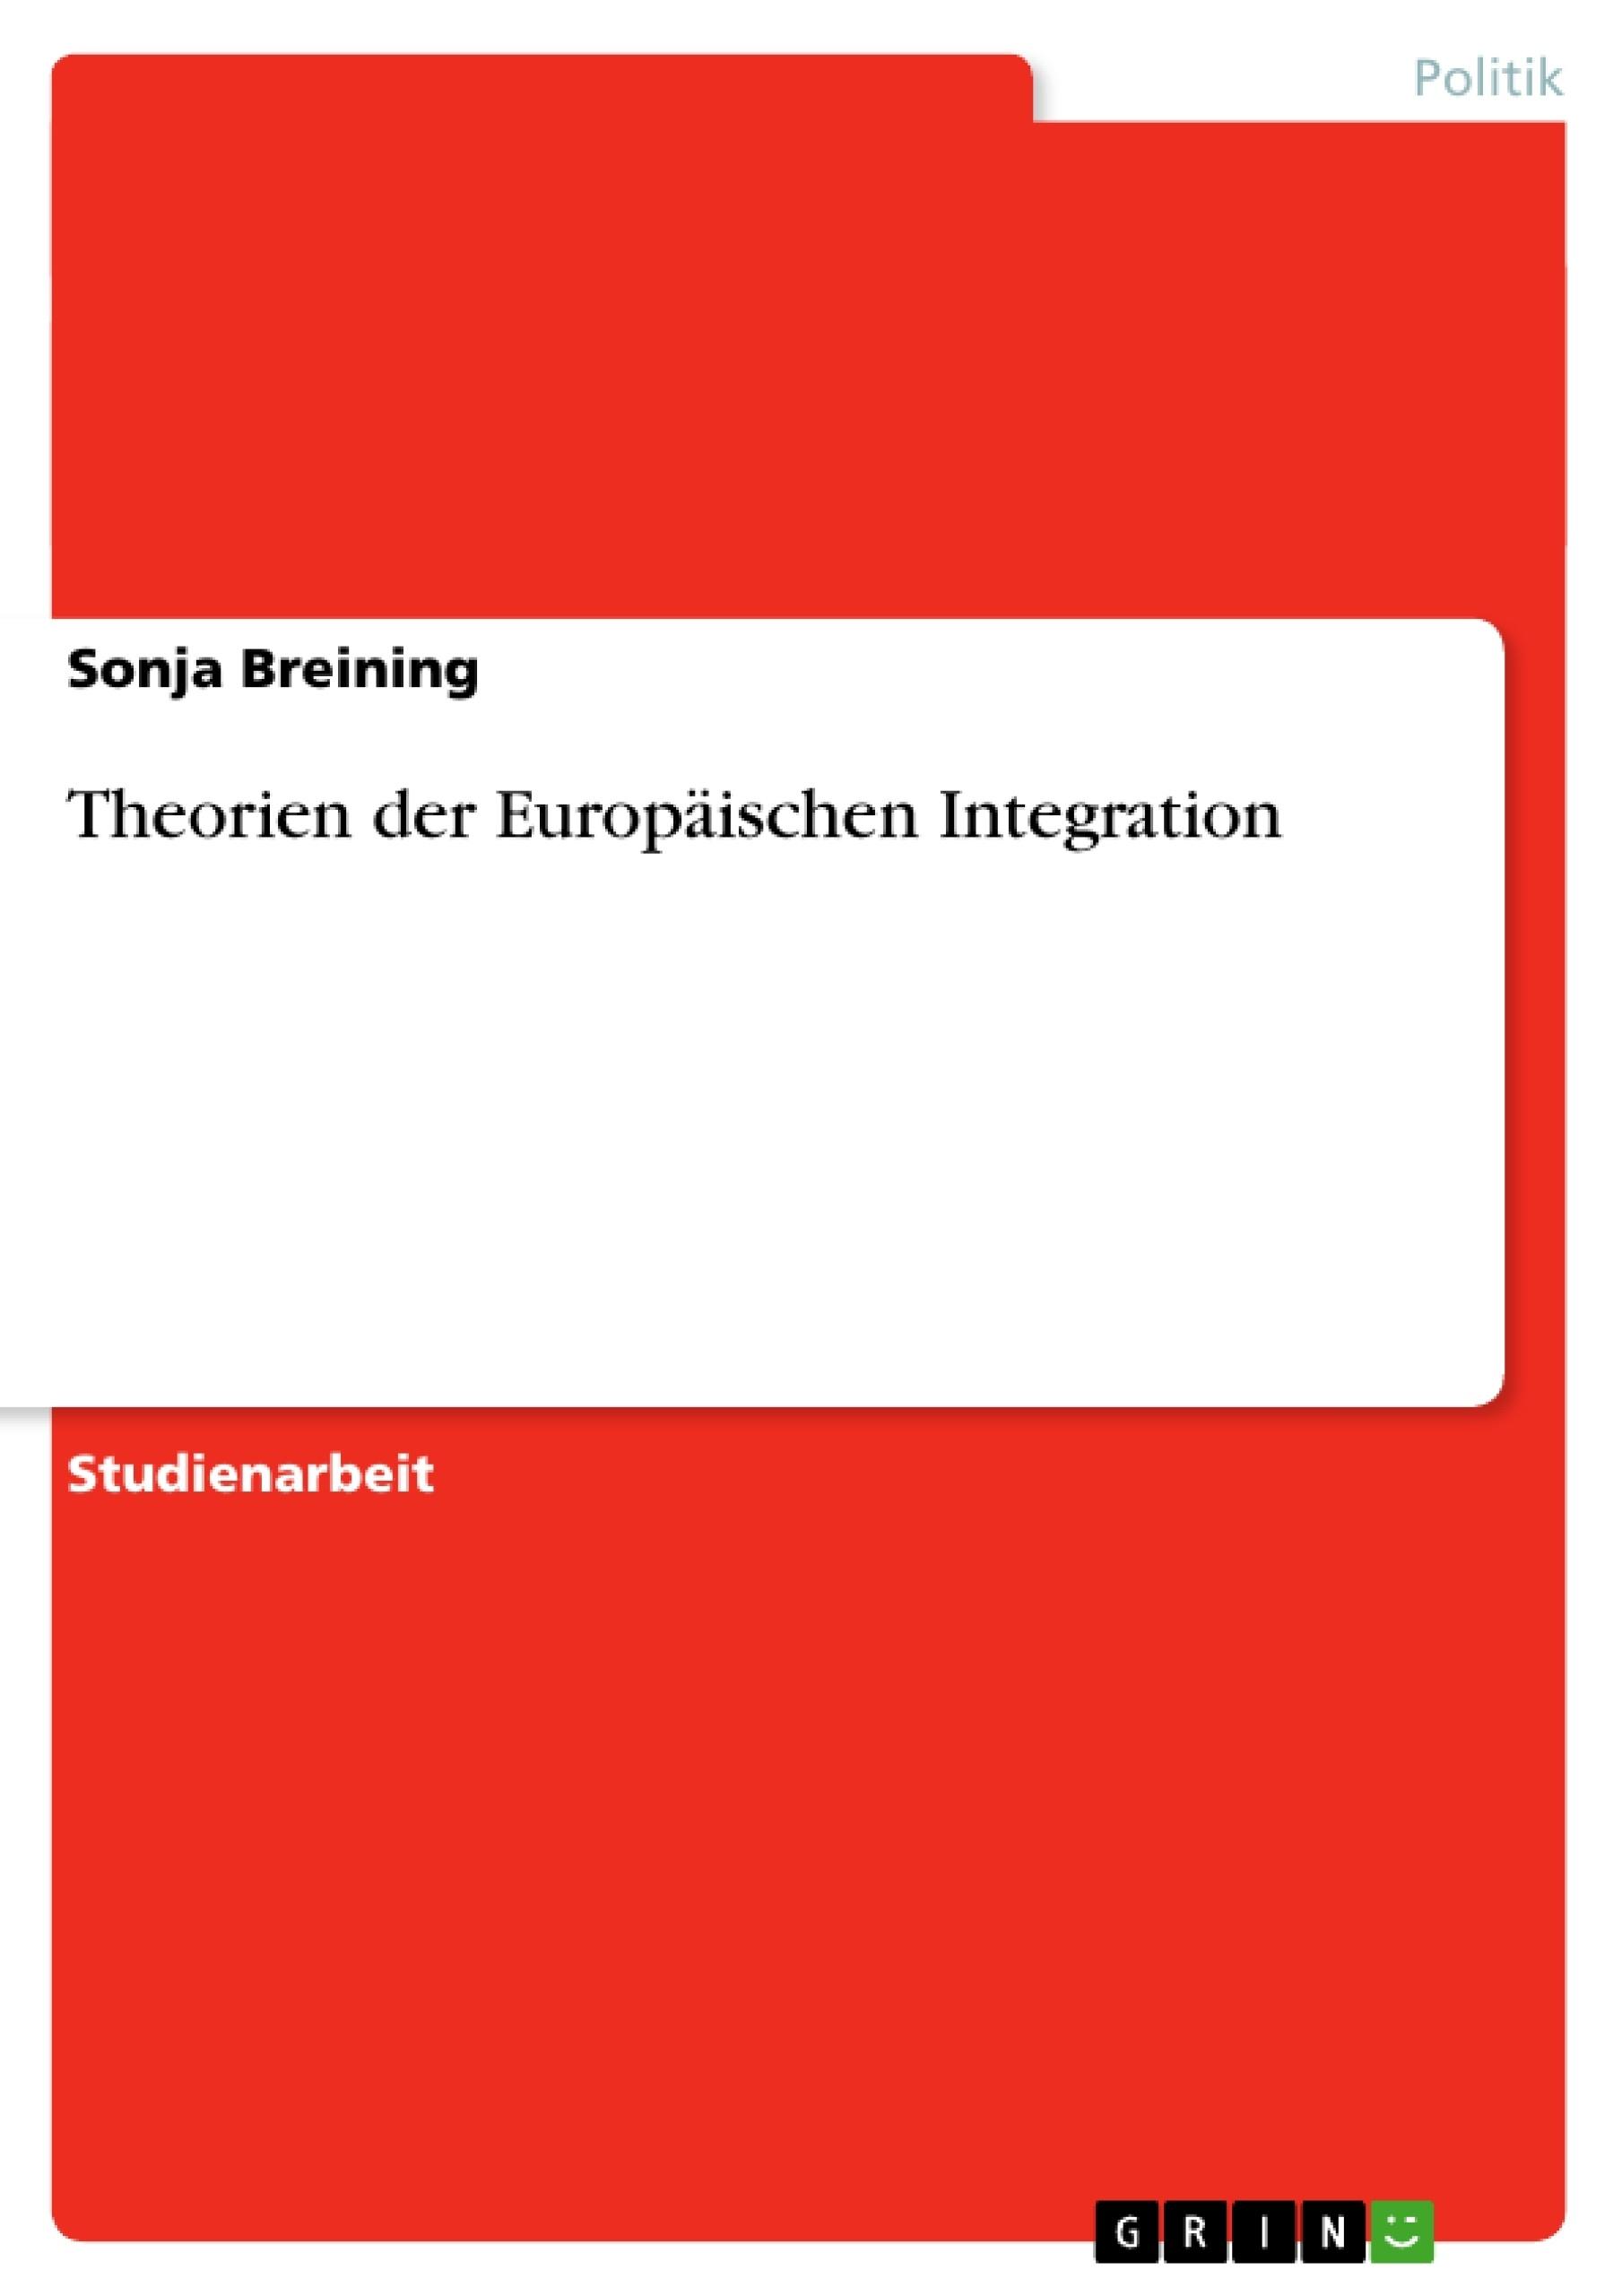 Titel: Theorien der Europäischen Integration